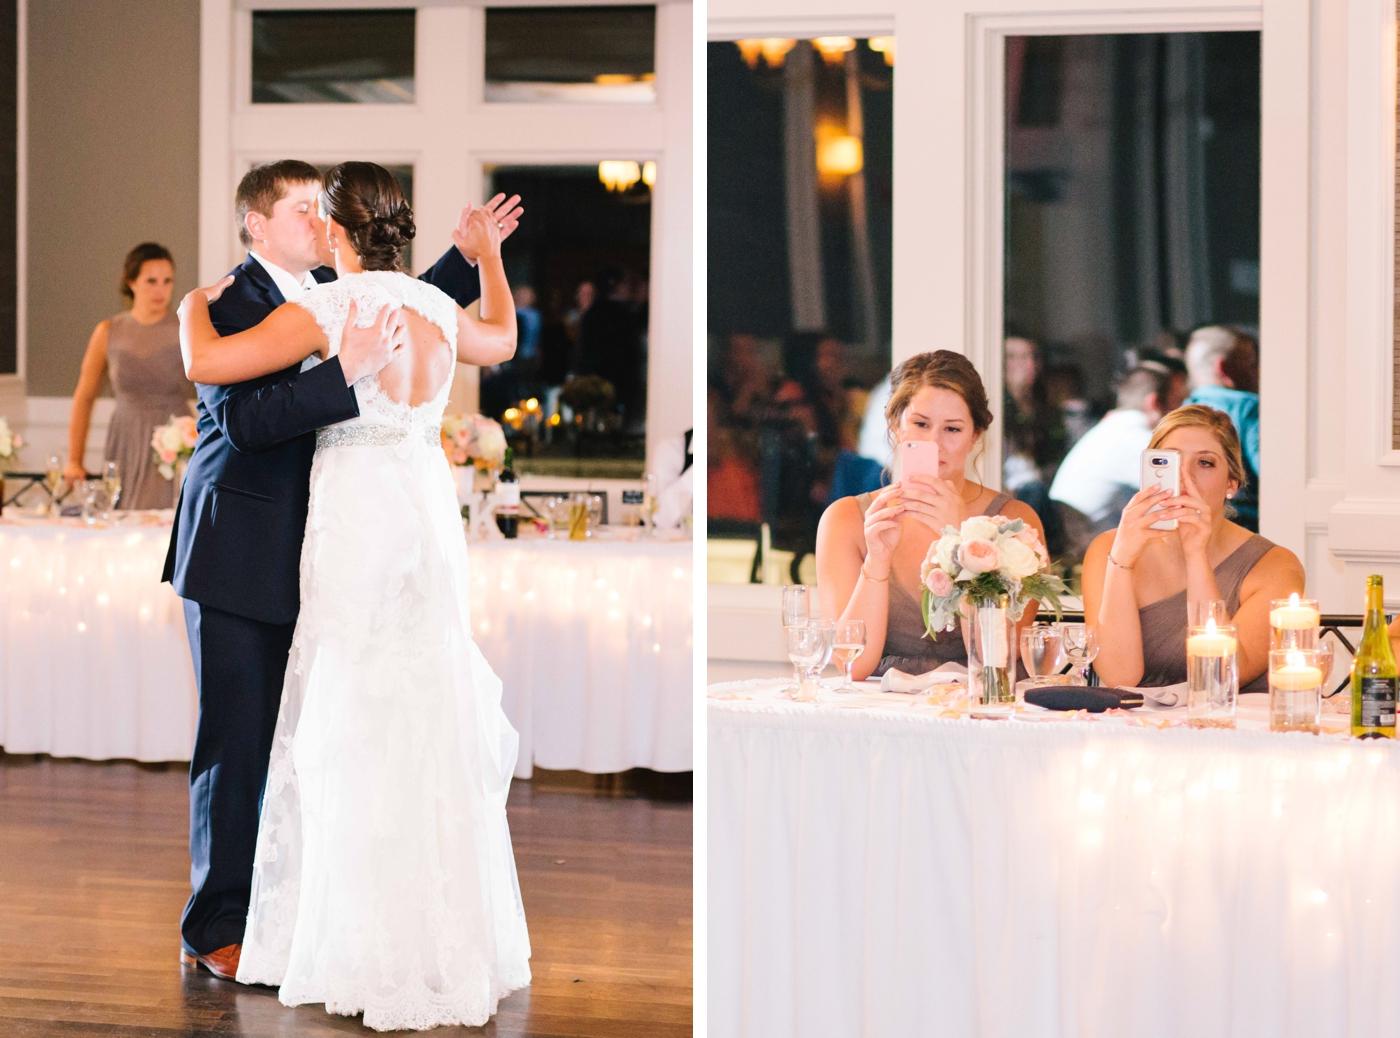 chicago-fine-art-wedding-photography-neuendank40